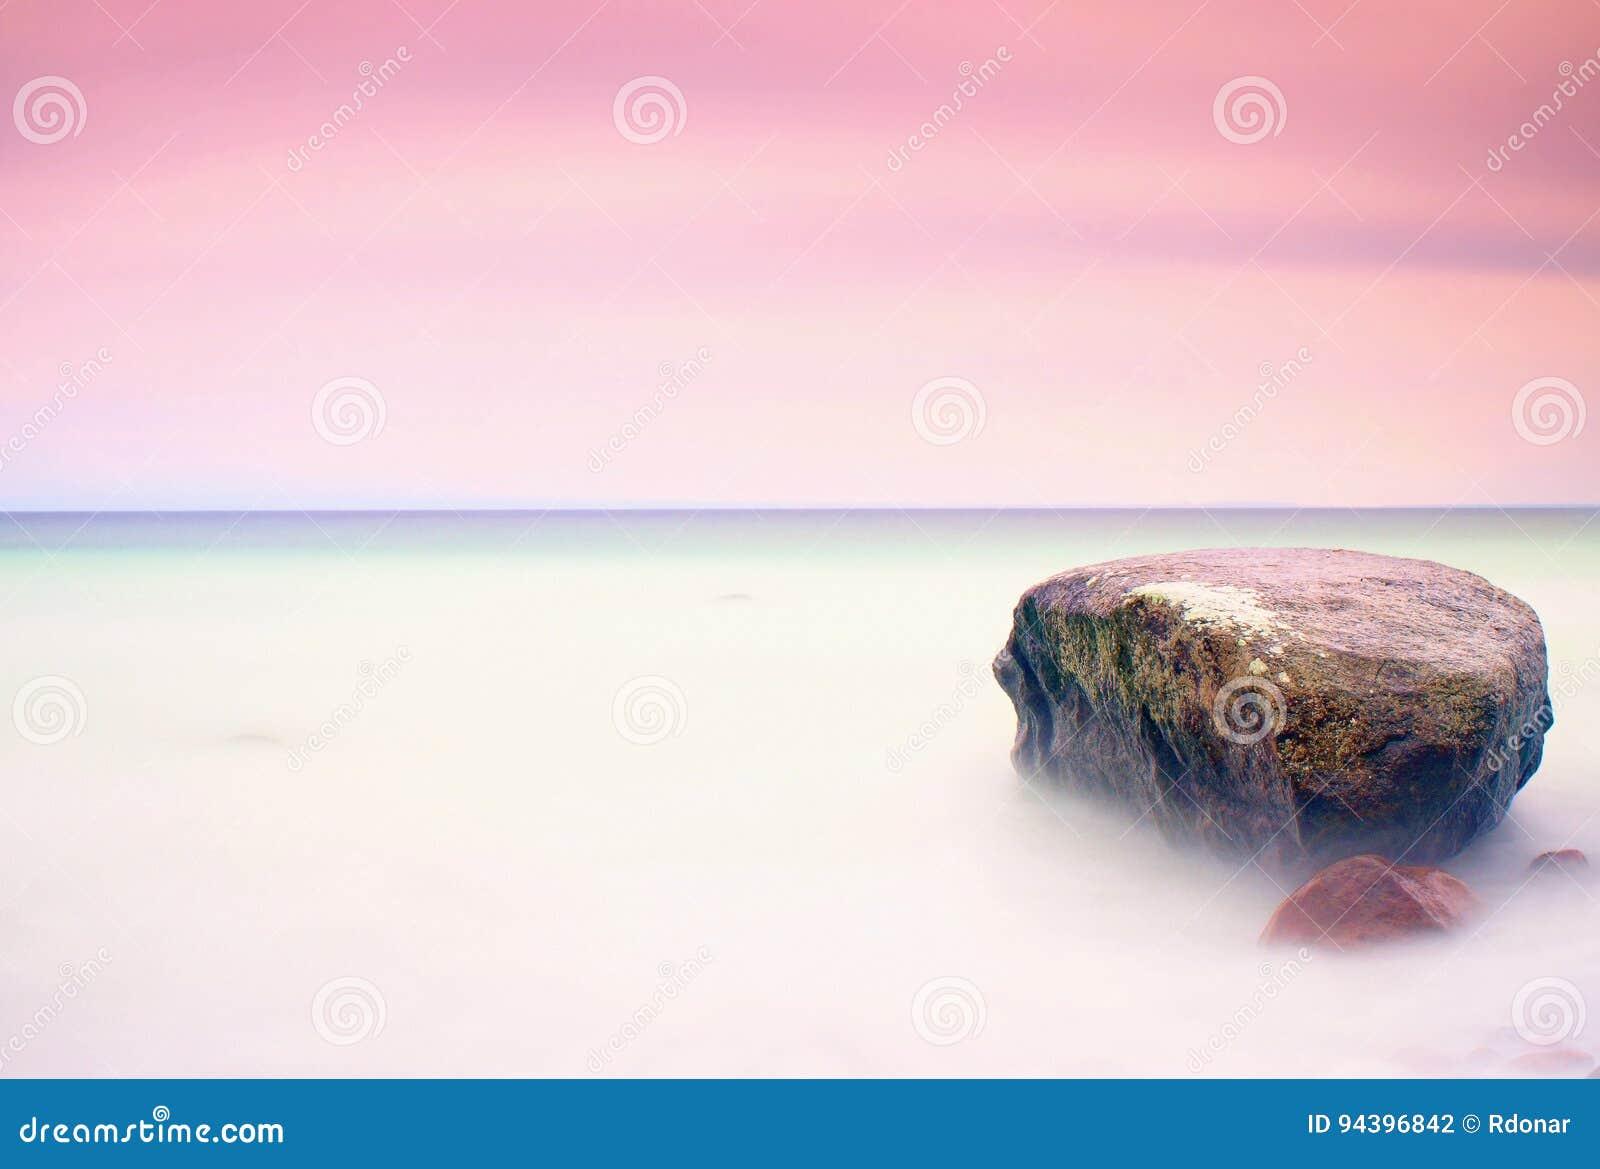 Romantische atmosfeer in vreedzame ochtend op zee Grote keien die uit van vlotte golvende overzees plakken Roze Horizon